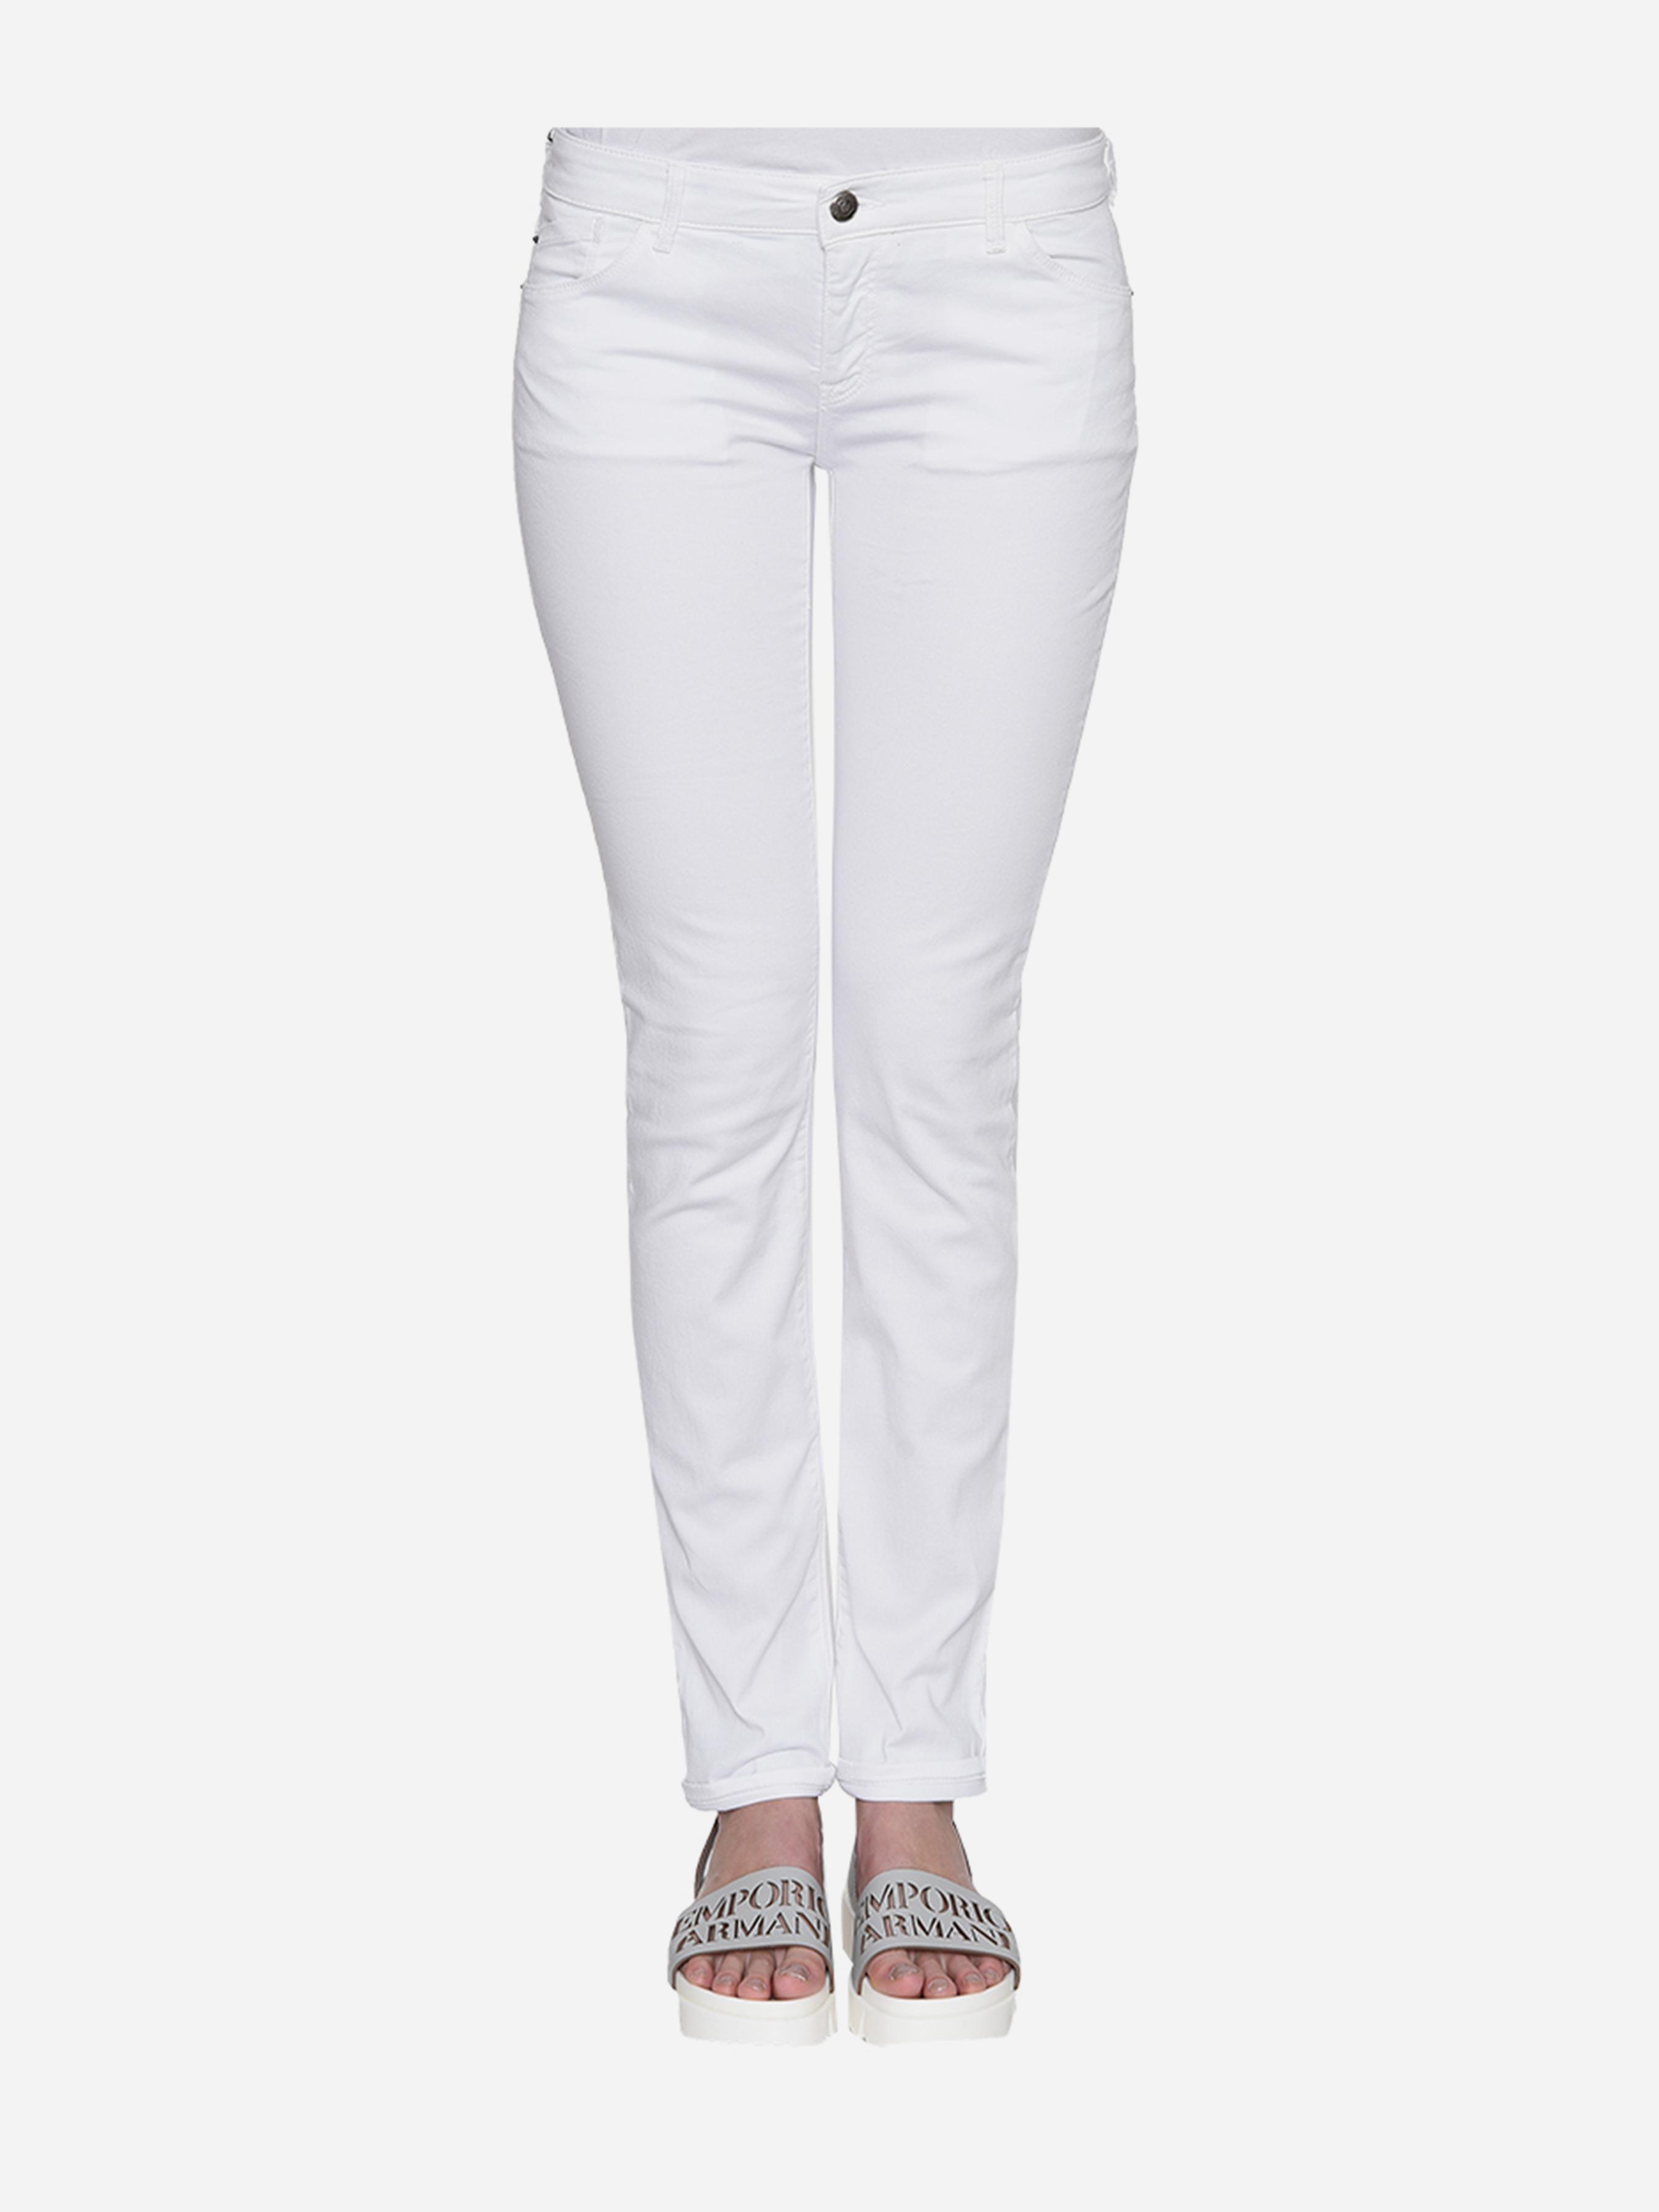 Джинсы женские Emporio Armani модель 5P38 , 2017